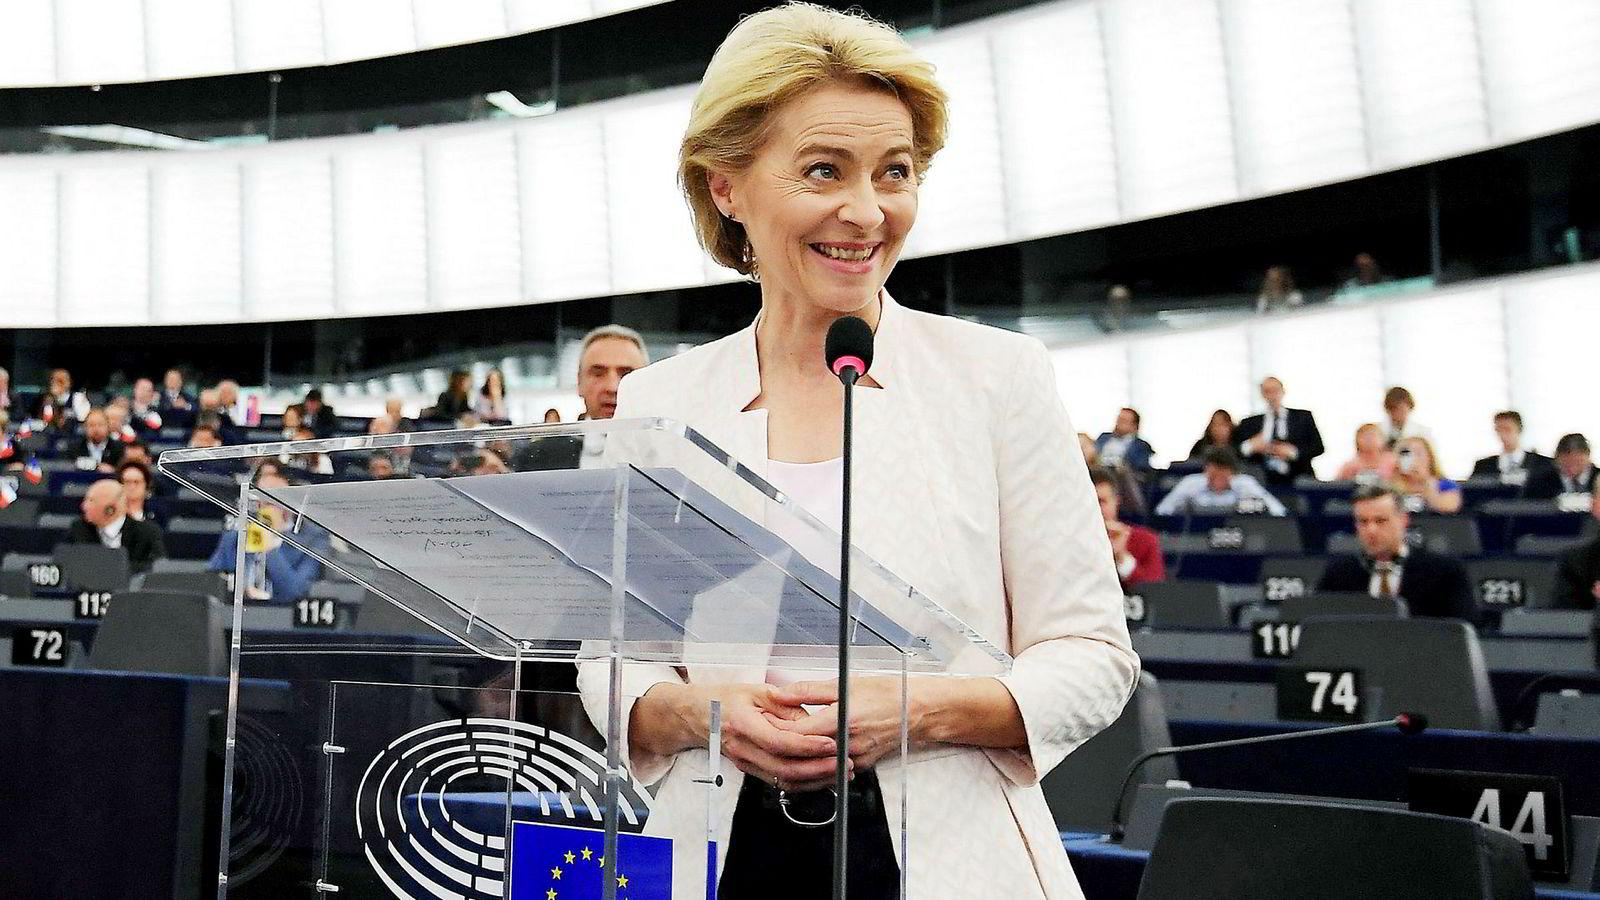 Ursula von der Leyens jobb blir ikke lett. Men de tallrike observatørene som i flere tiår har spådd EUs snarlige sammenbrudd, har tatt feil alle sammen.